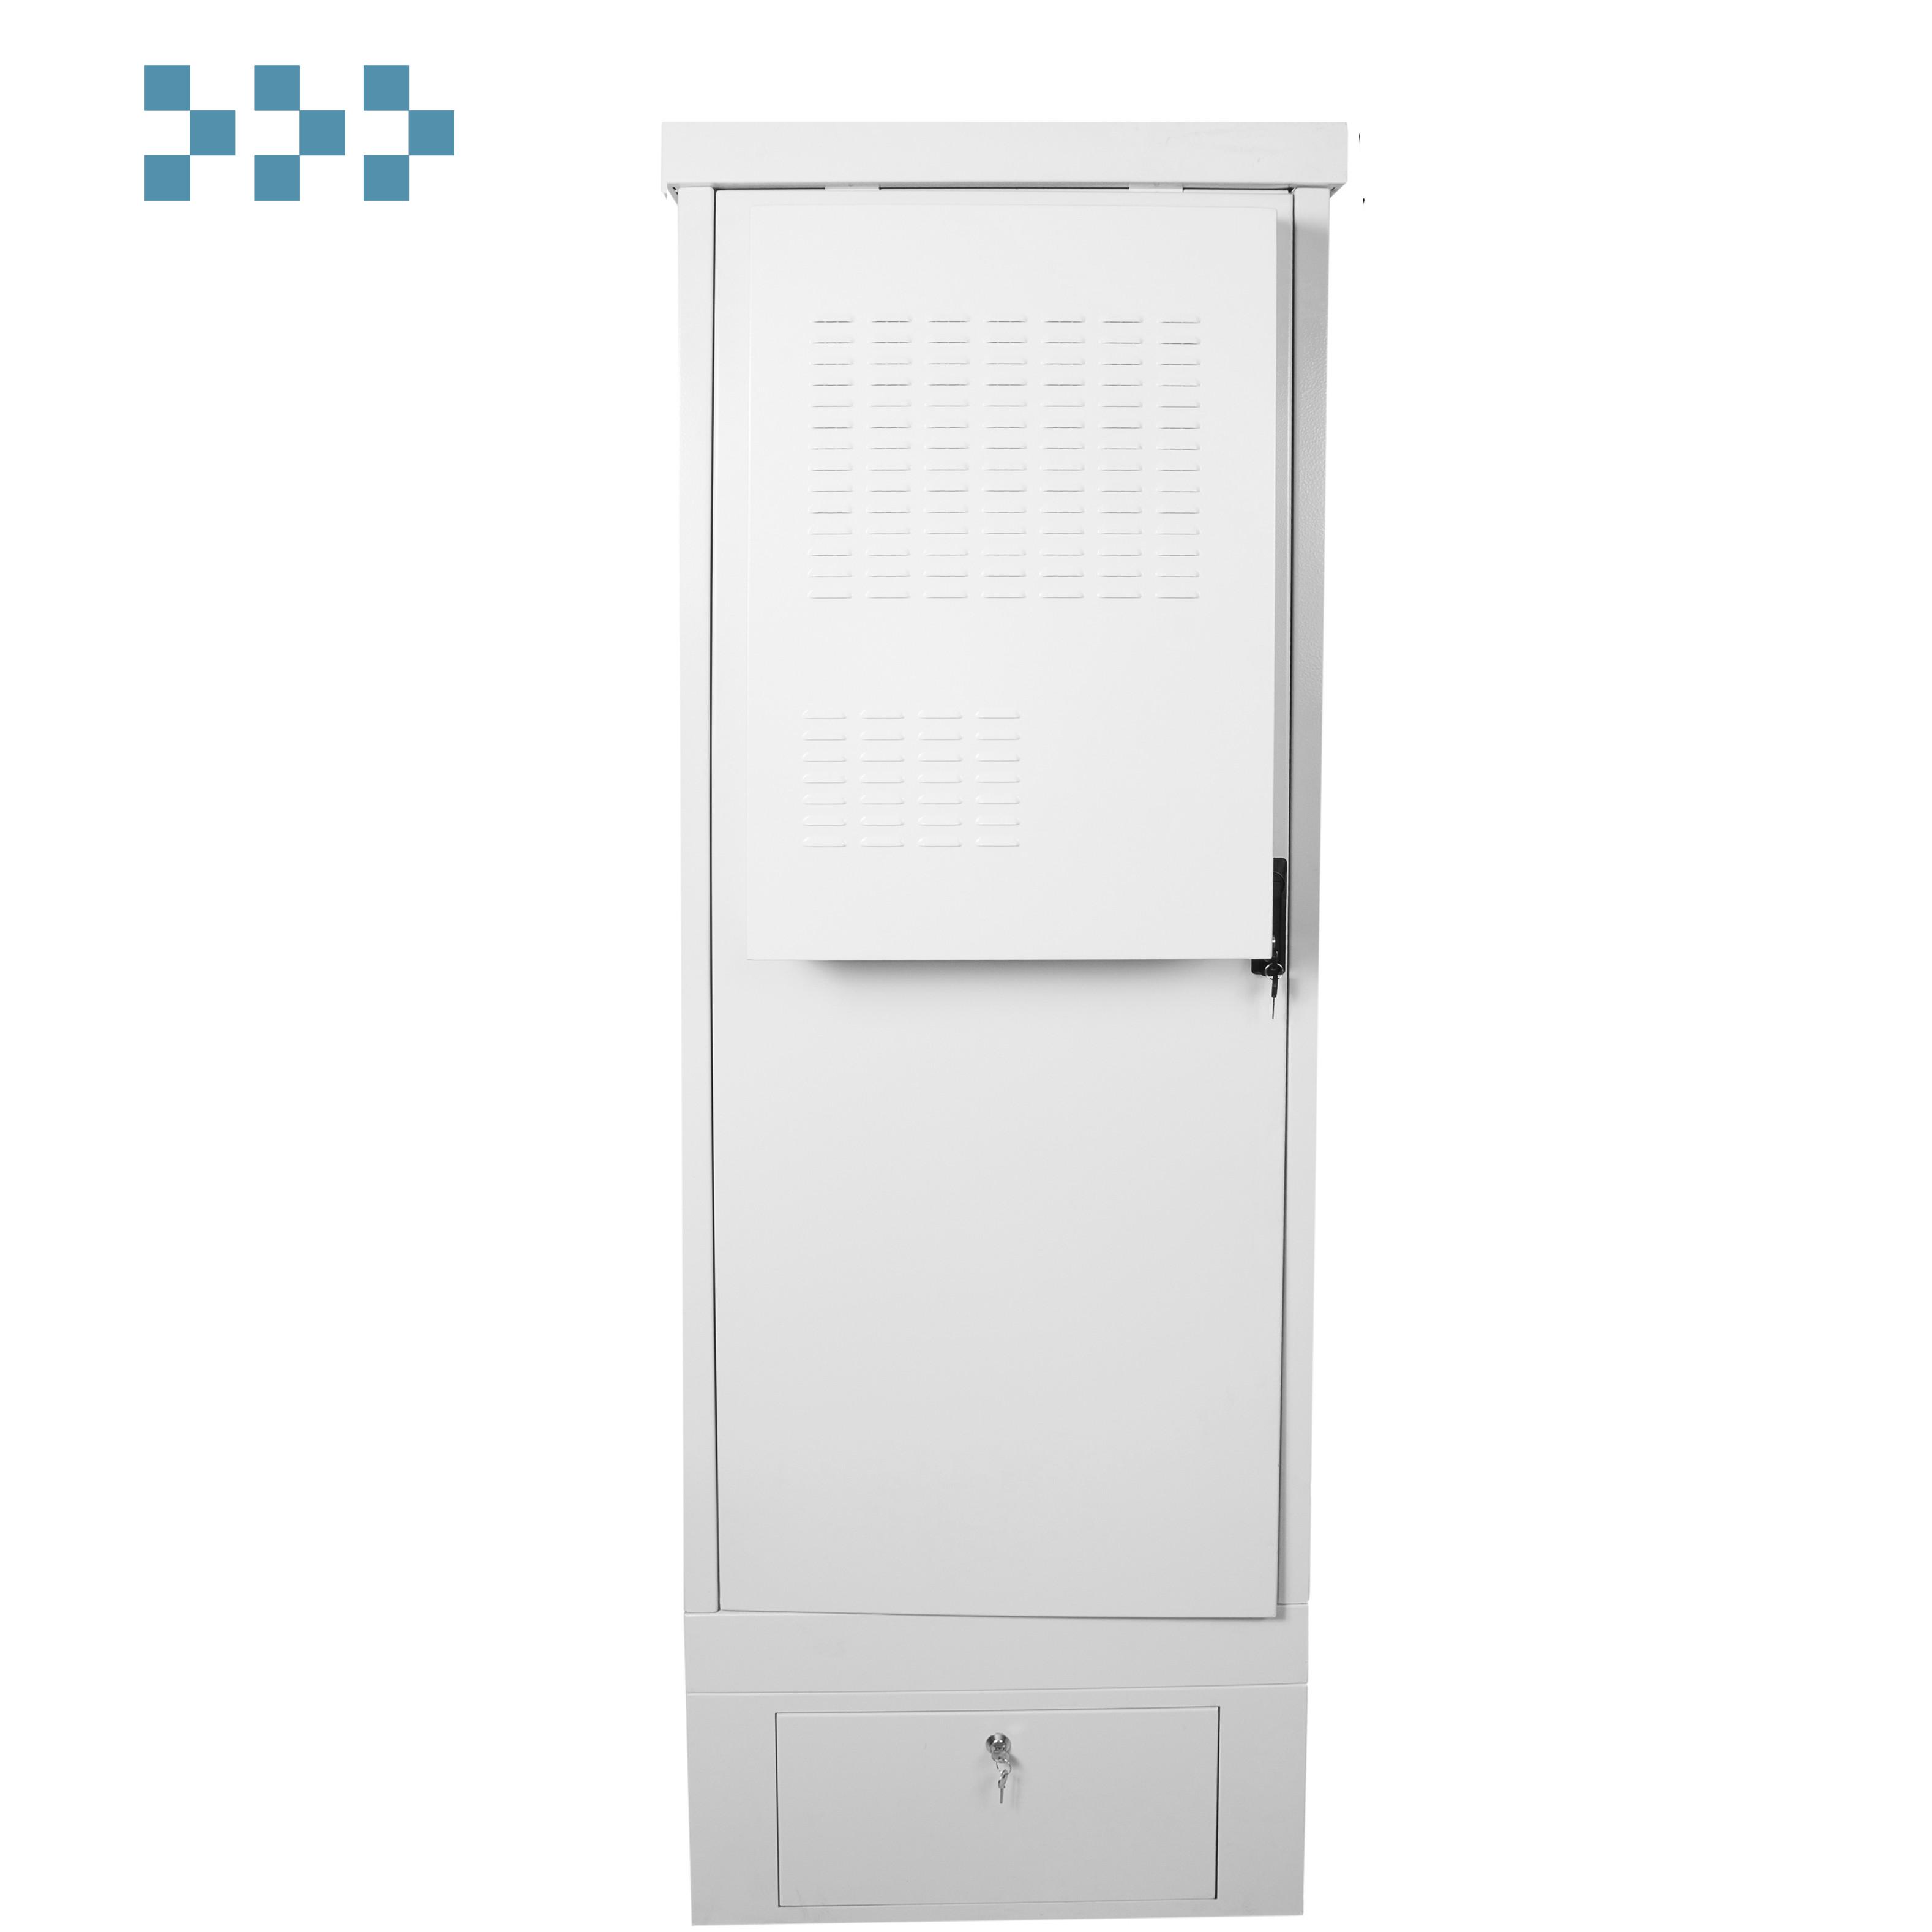 Шкаф уличный всепогодный напольный ЦМО ШТВ-1-24.7.9-К3АА-ТК